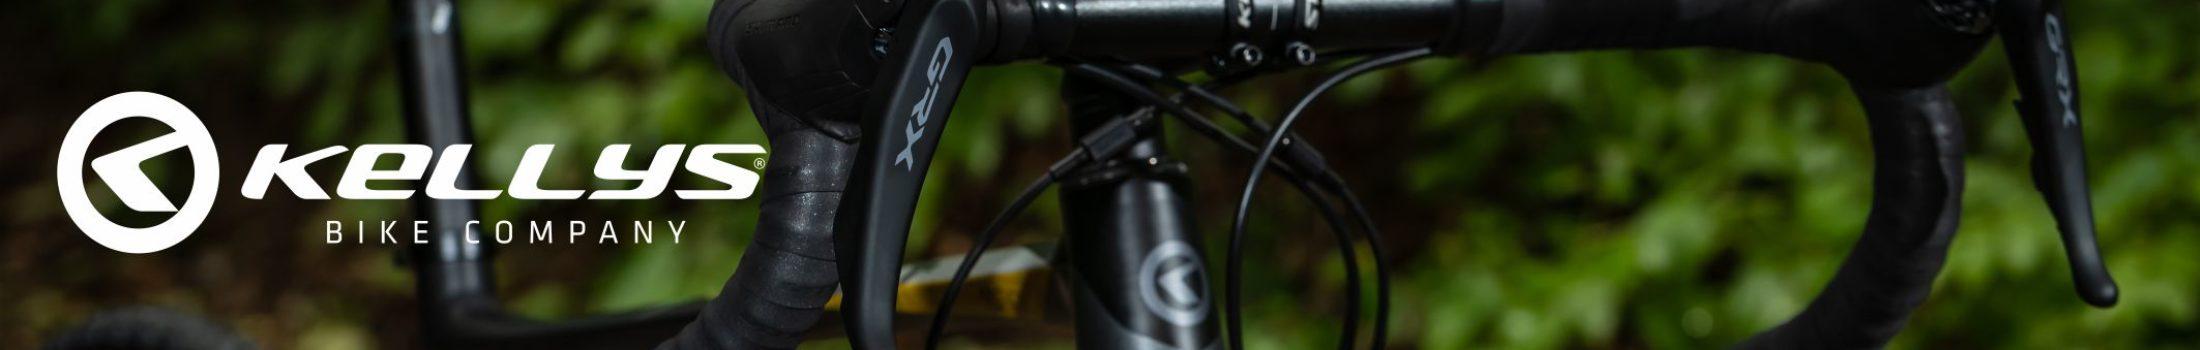 Kerékpárüzlet és kerékpárszerviz, interaktív kerékpáros és futó edzőterem